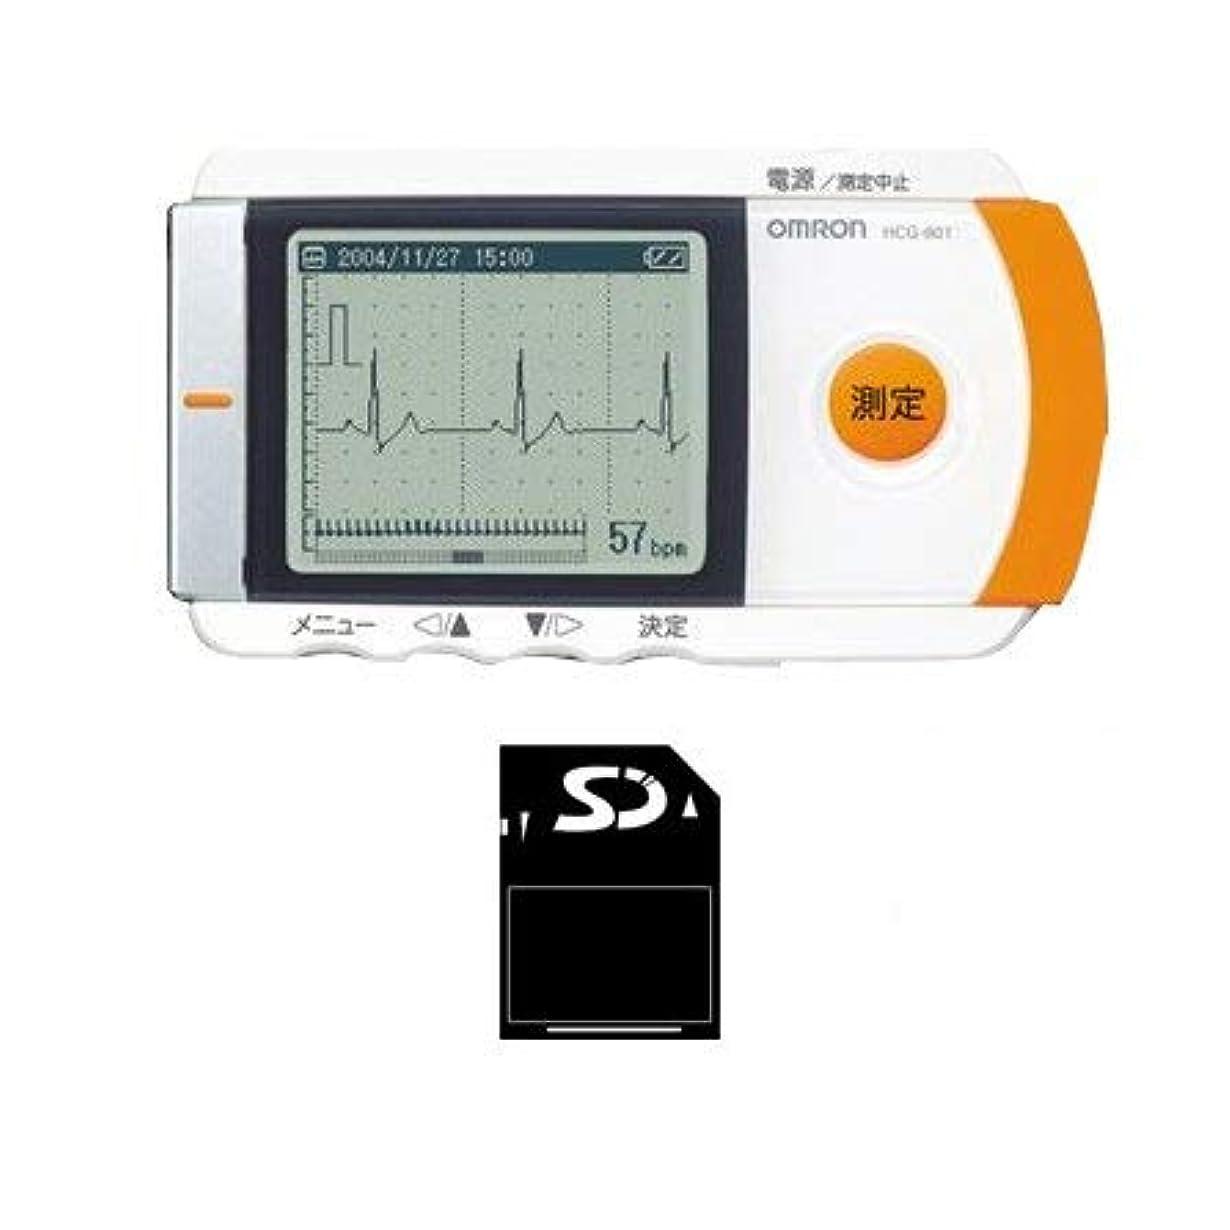 仮定弾性隙間【SDカード付き】 オムロン 携帯型心電計 HCG-801 SDカード利用で300回分の測定データが保存可能